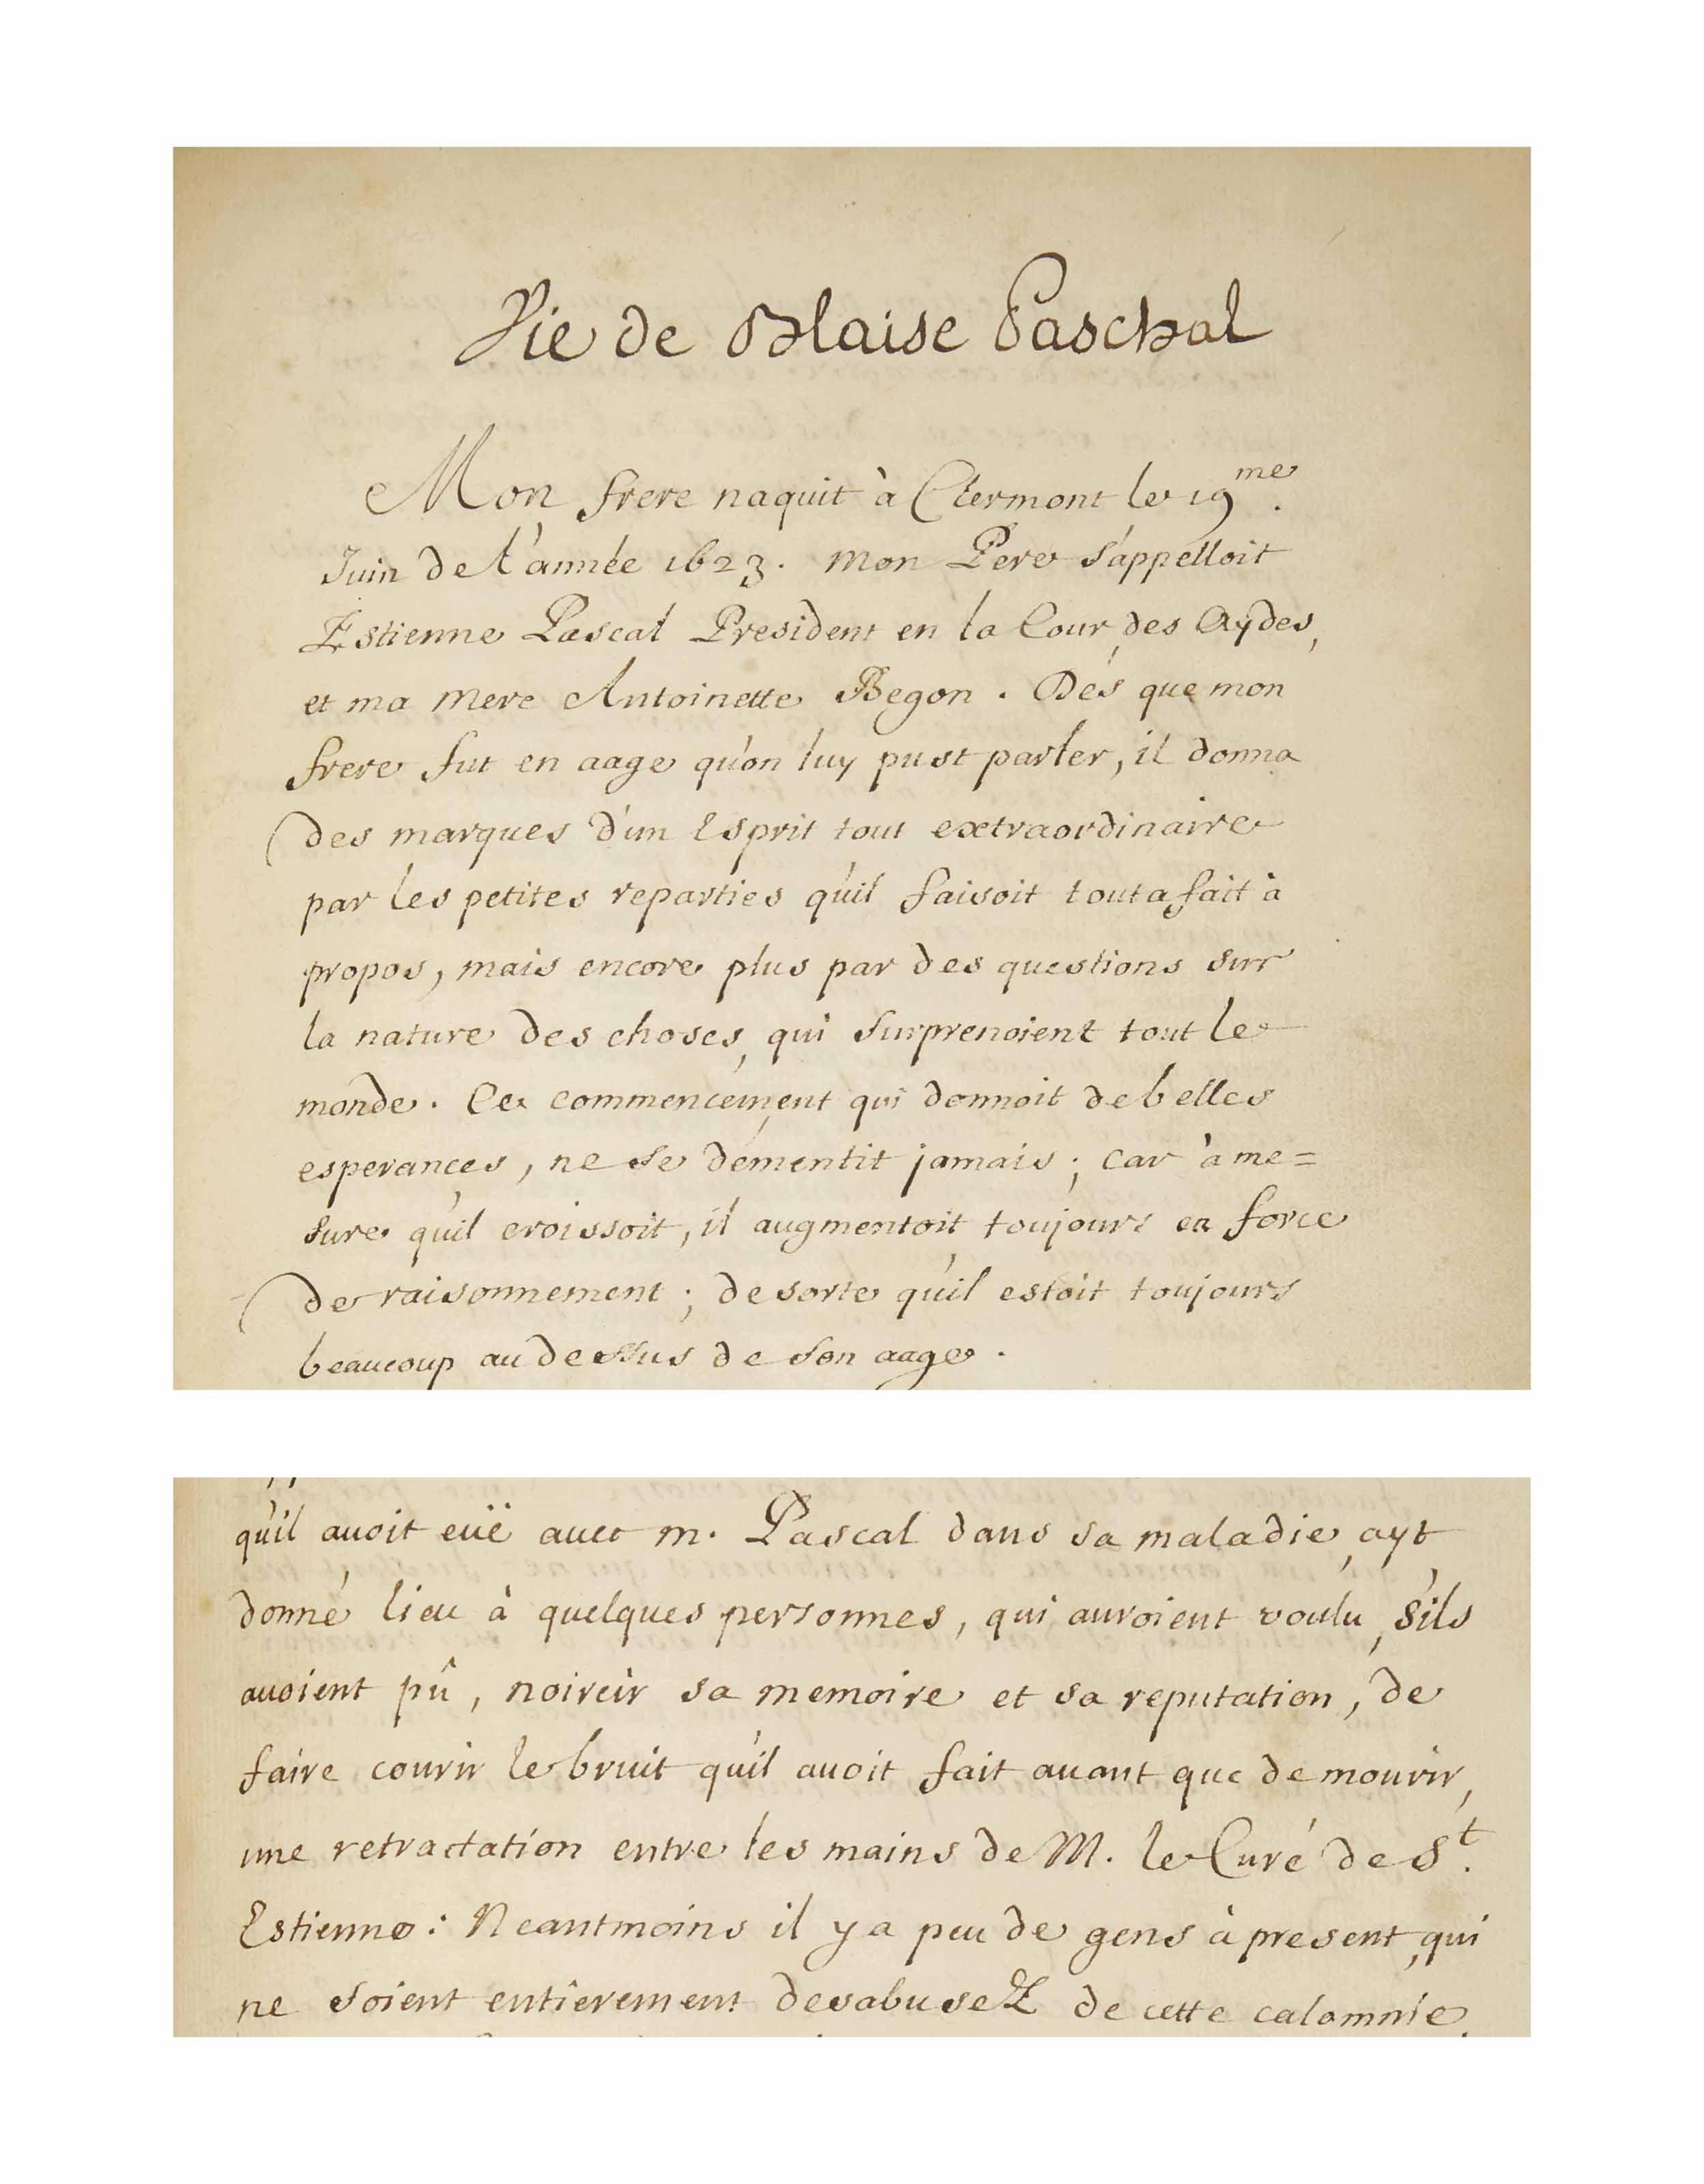 [Blaise PASCAL (1623-1662)] -- Gilberte PÉRIER (1620-1687). Vie de Blaise Paschal. [Suivi de:] -- Lettres et Extraits de Lettres de feûe S. A. Madame de Longueville  M. le curé de St Jacques du Haut-Pas, et à &c... Manuscrits d'une même main. [Entre 1677 et 1680].